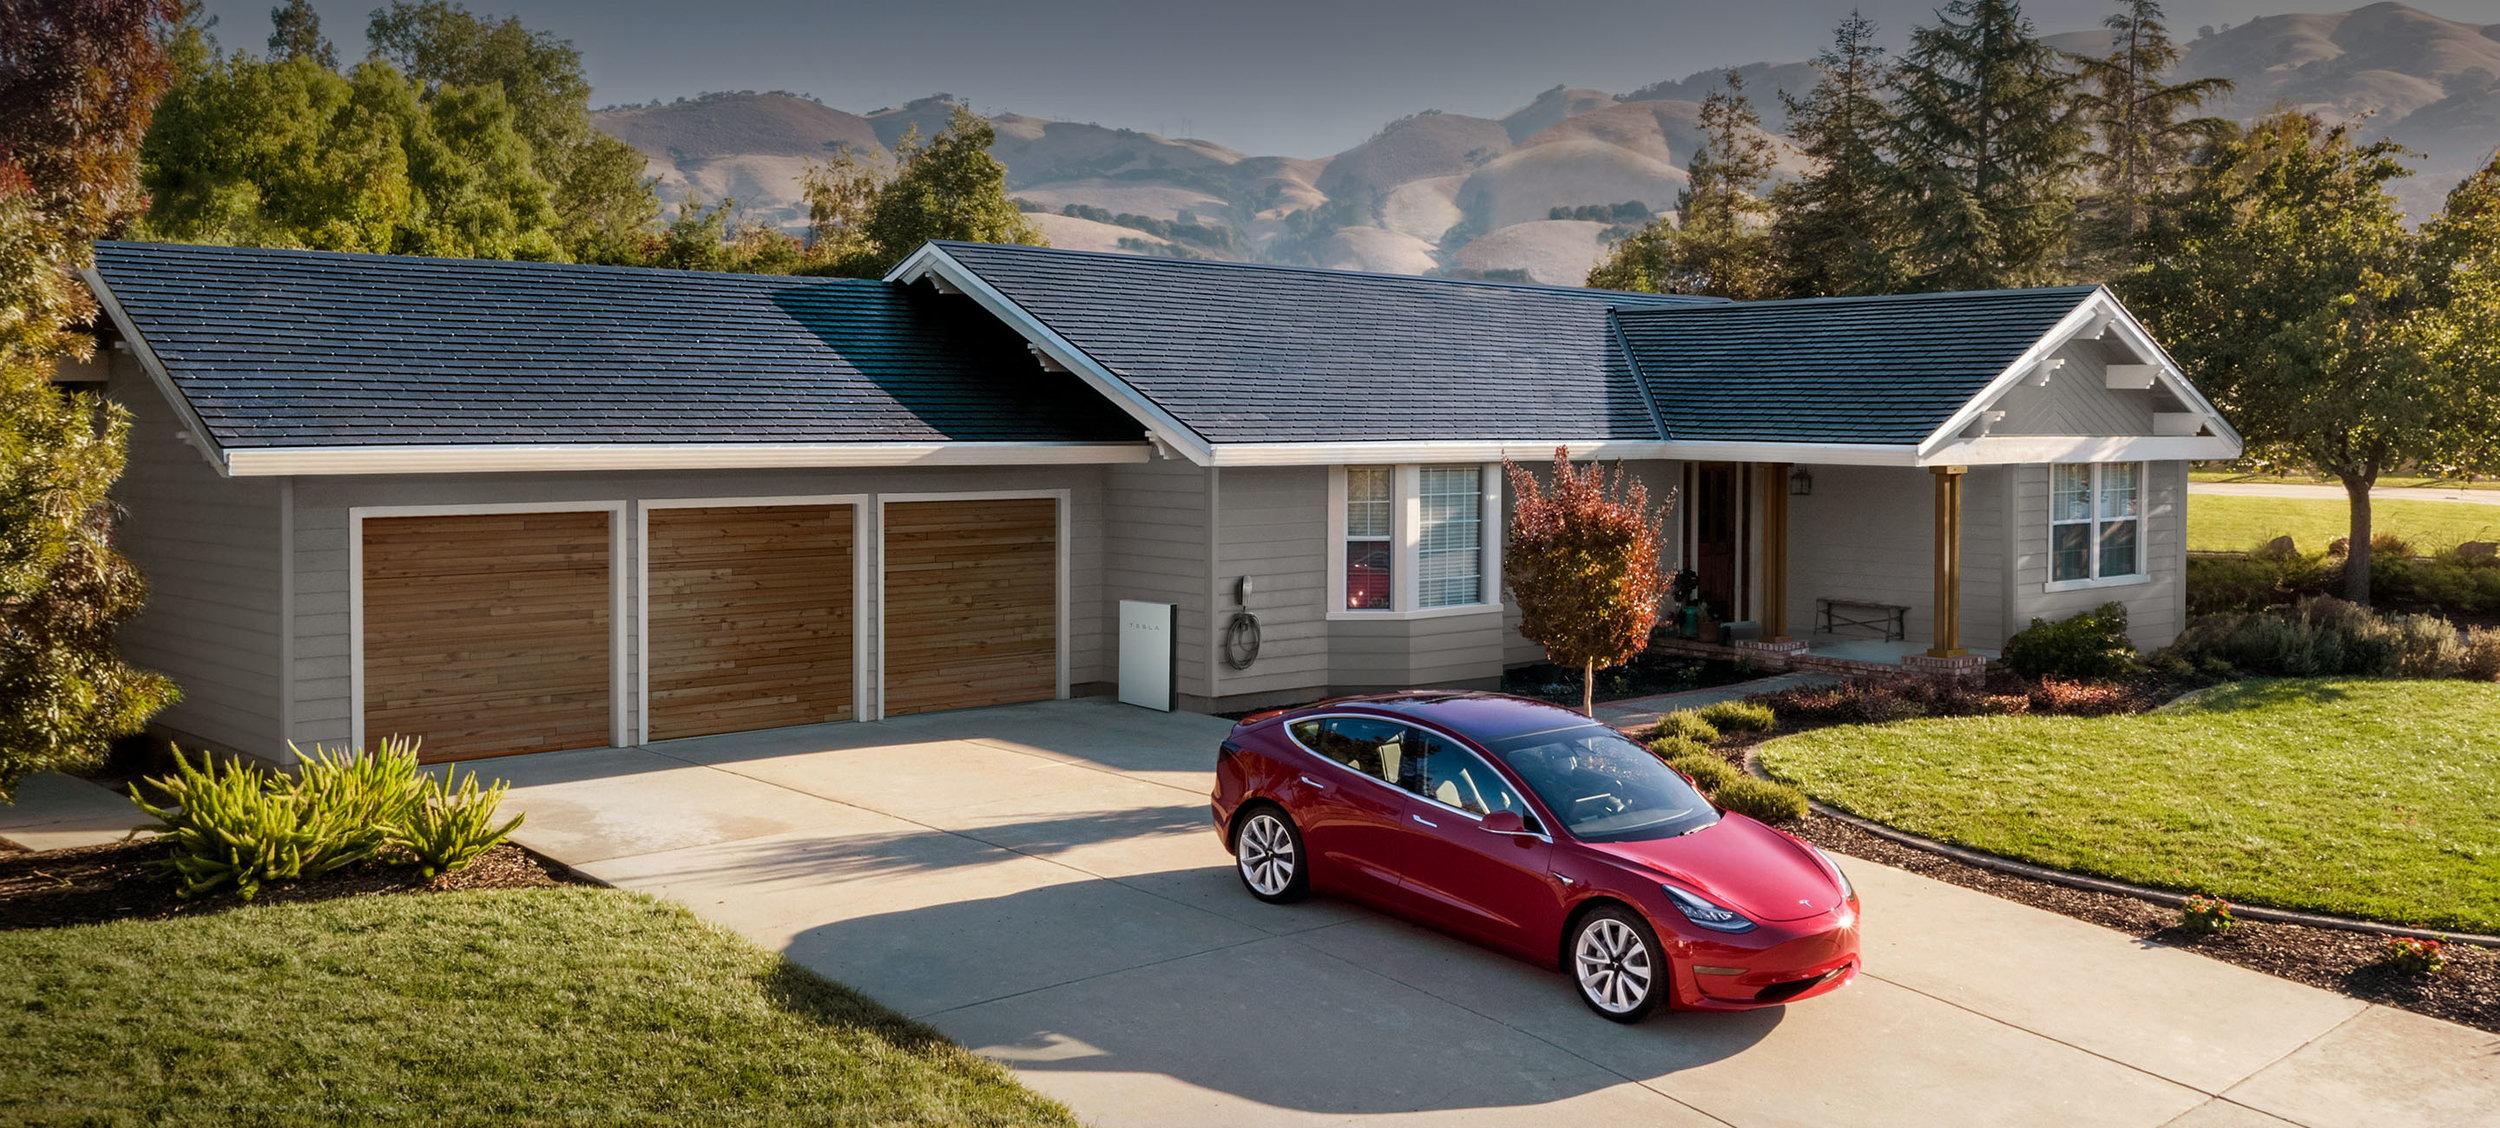 Image courtesy of Tesla.